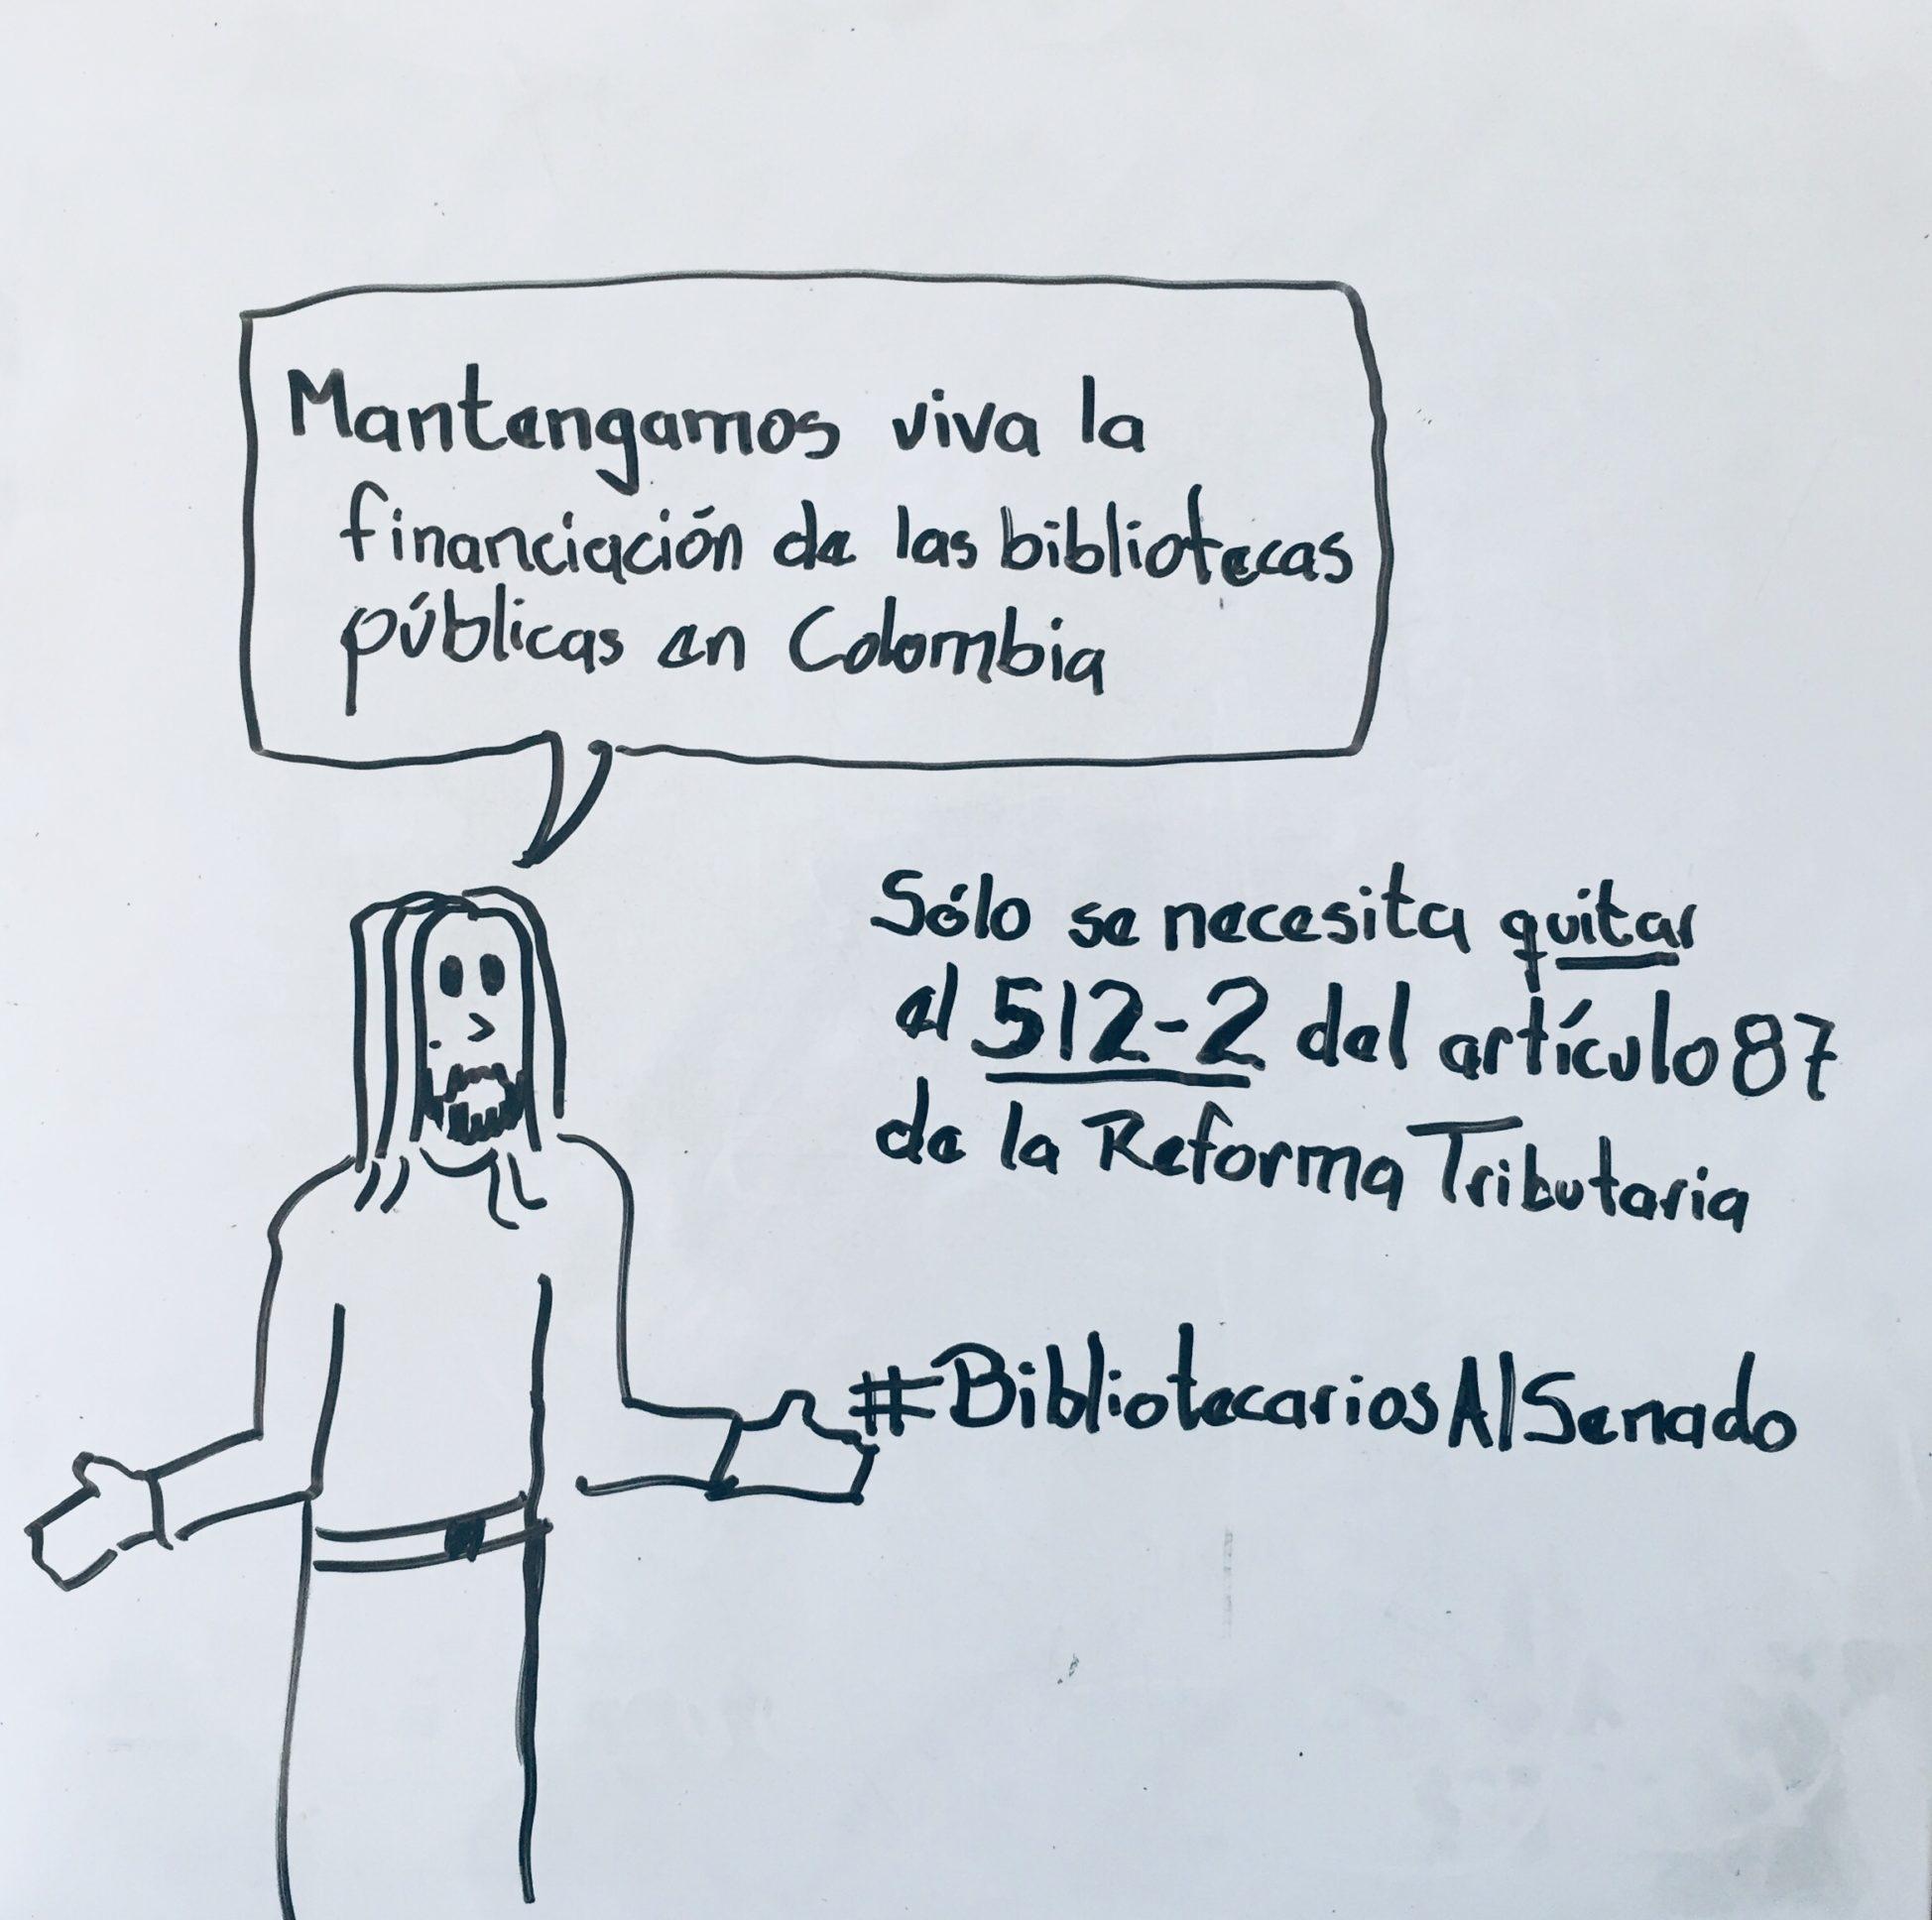 Mantengamos viva la financiación de las Bibliotecas Públicas en Colombia